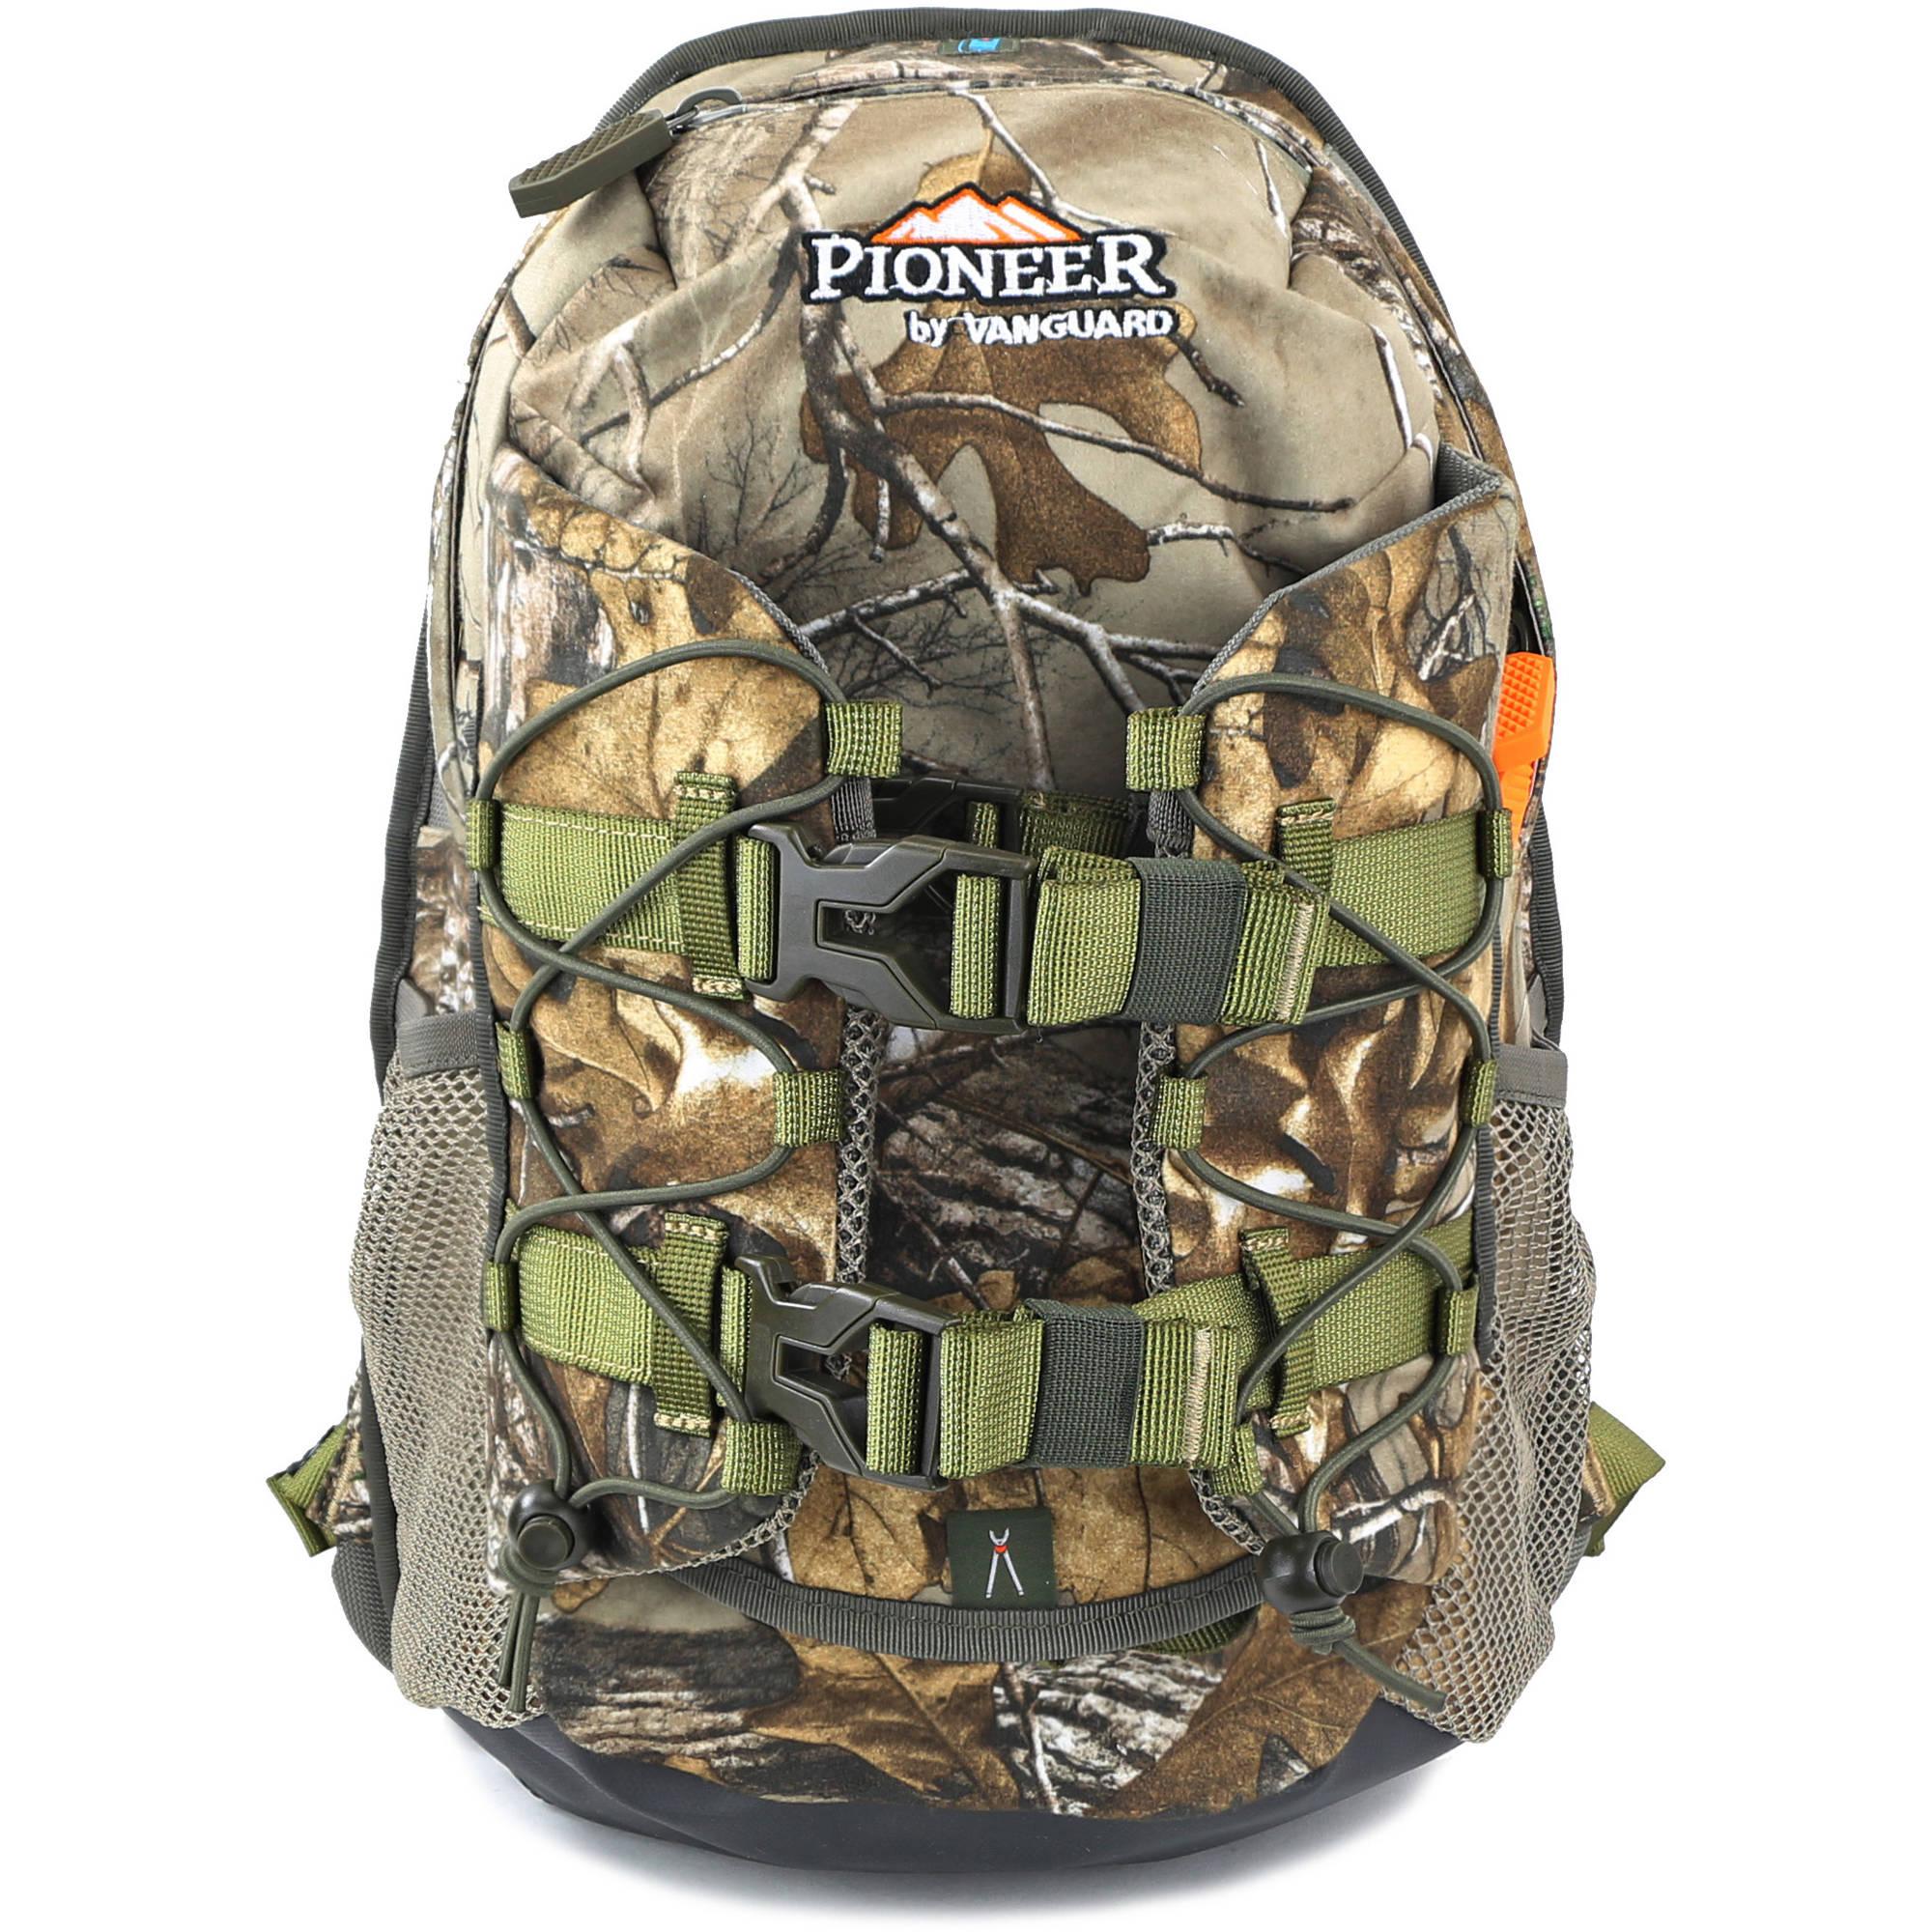 Vanguard Pioneer 975RT Hunting Backpack PIONEER 975RT B&H Photo